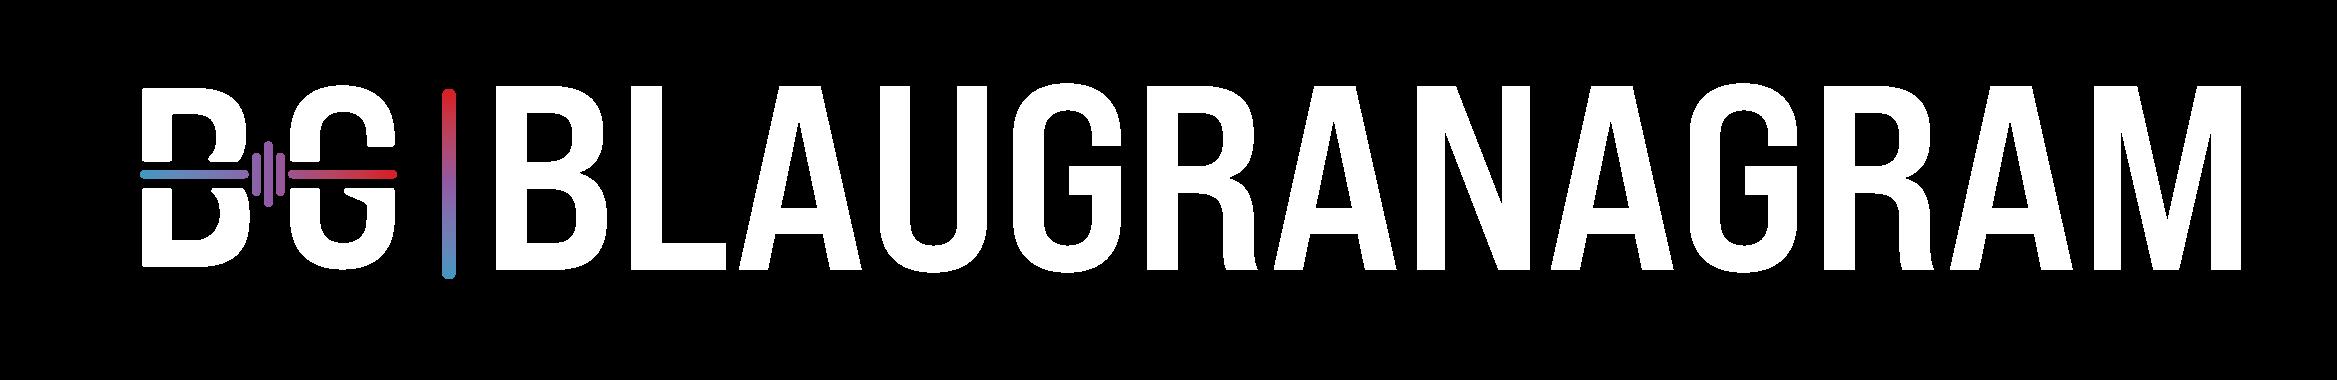 Blaugranagram